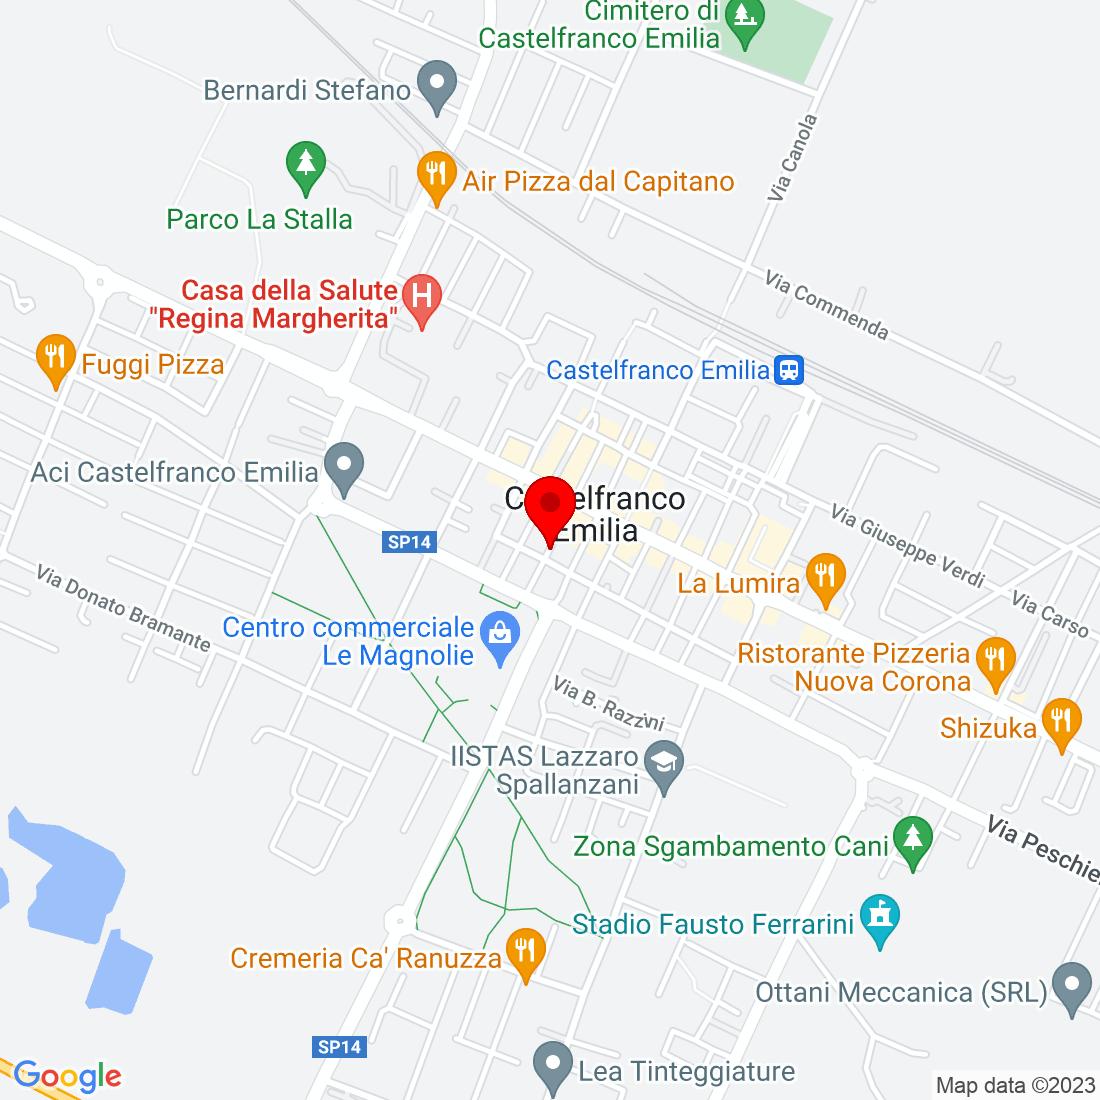 2 localiin vendita a Castelfranco Emilia